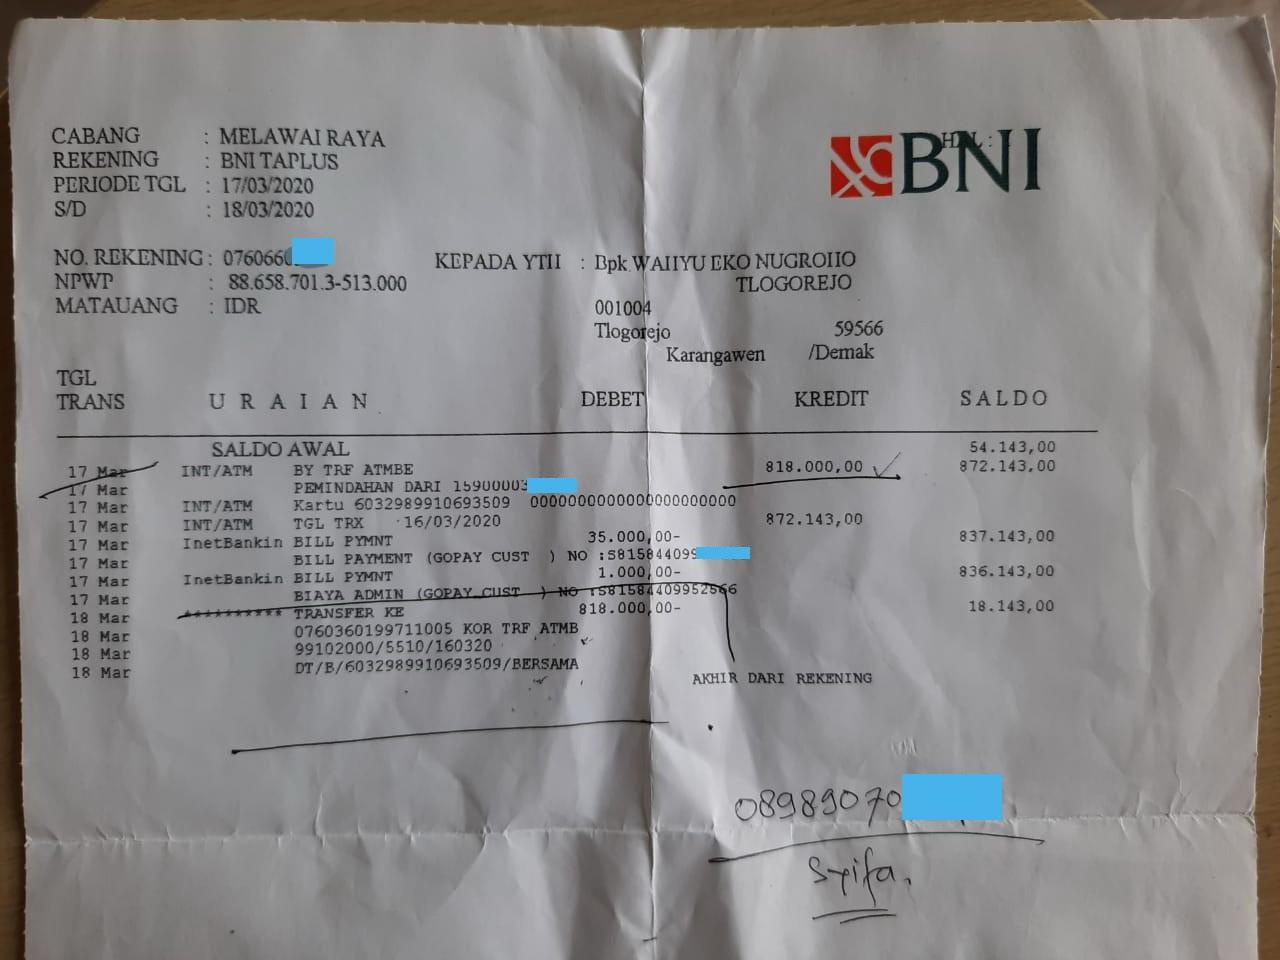 Kecewa Pelayanan Bank Bni Saldo Rekening Bni Saya Berkurang Dan Belum Kembali Media Konsumen